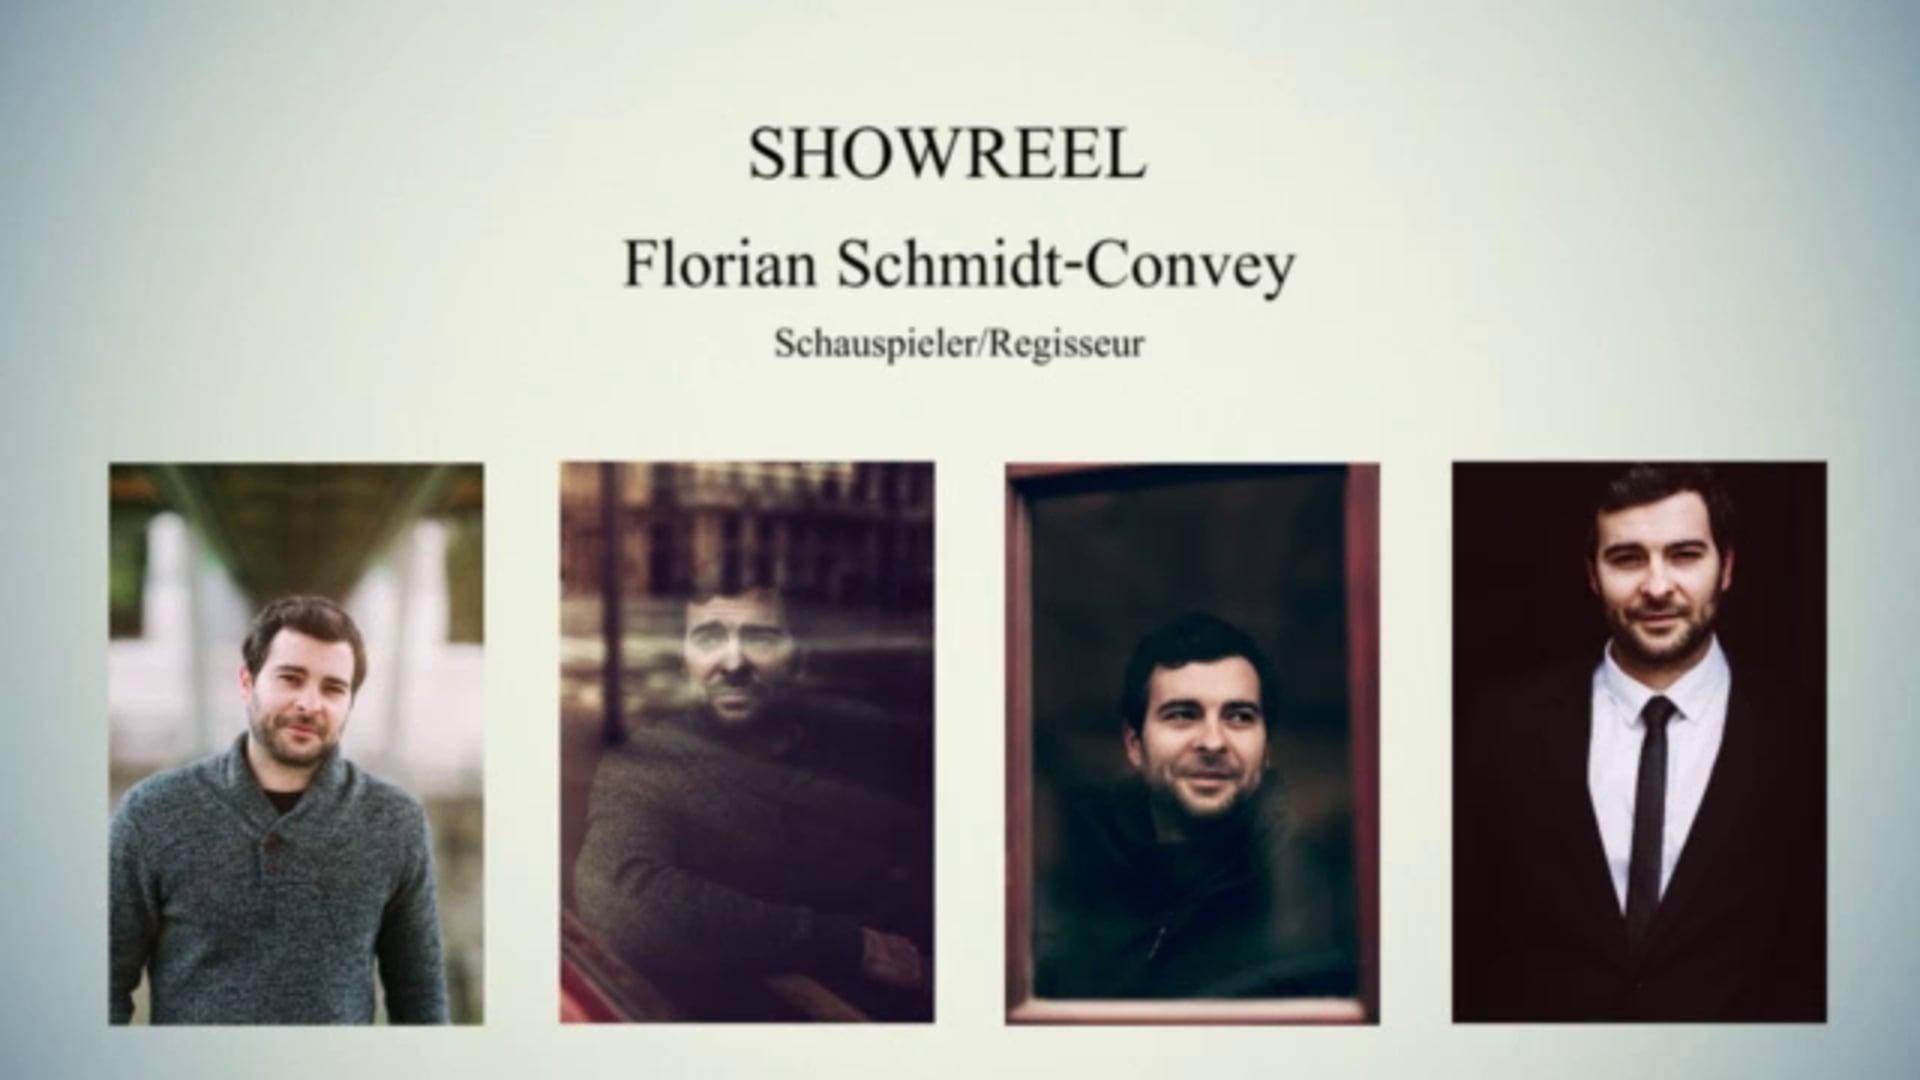 showreel Florian Schmidt-Convey